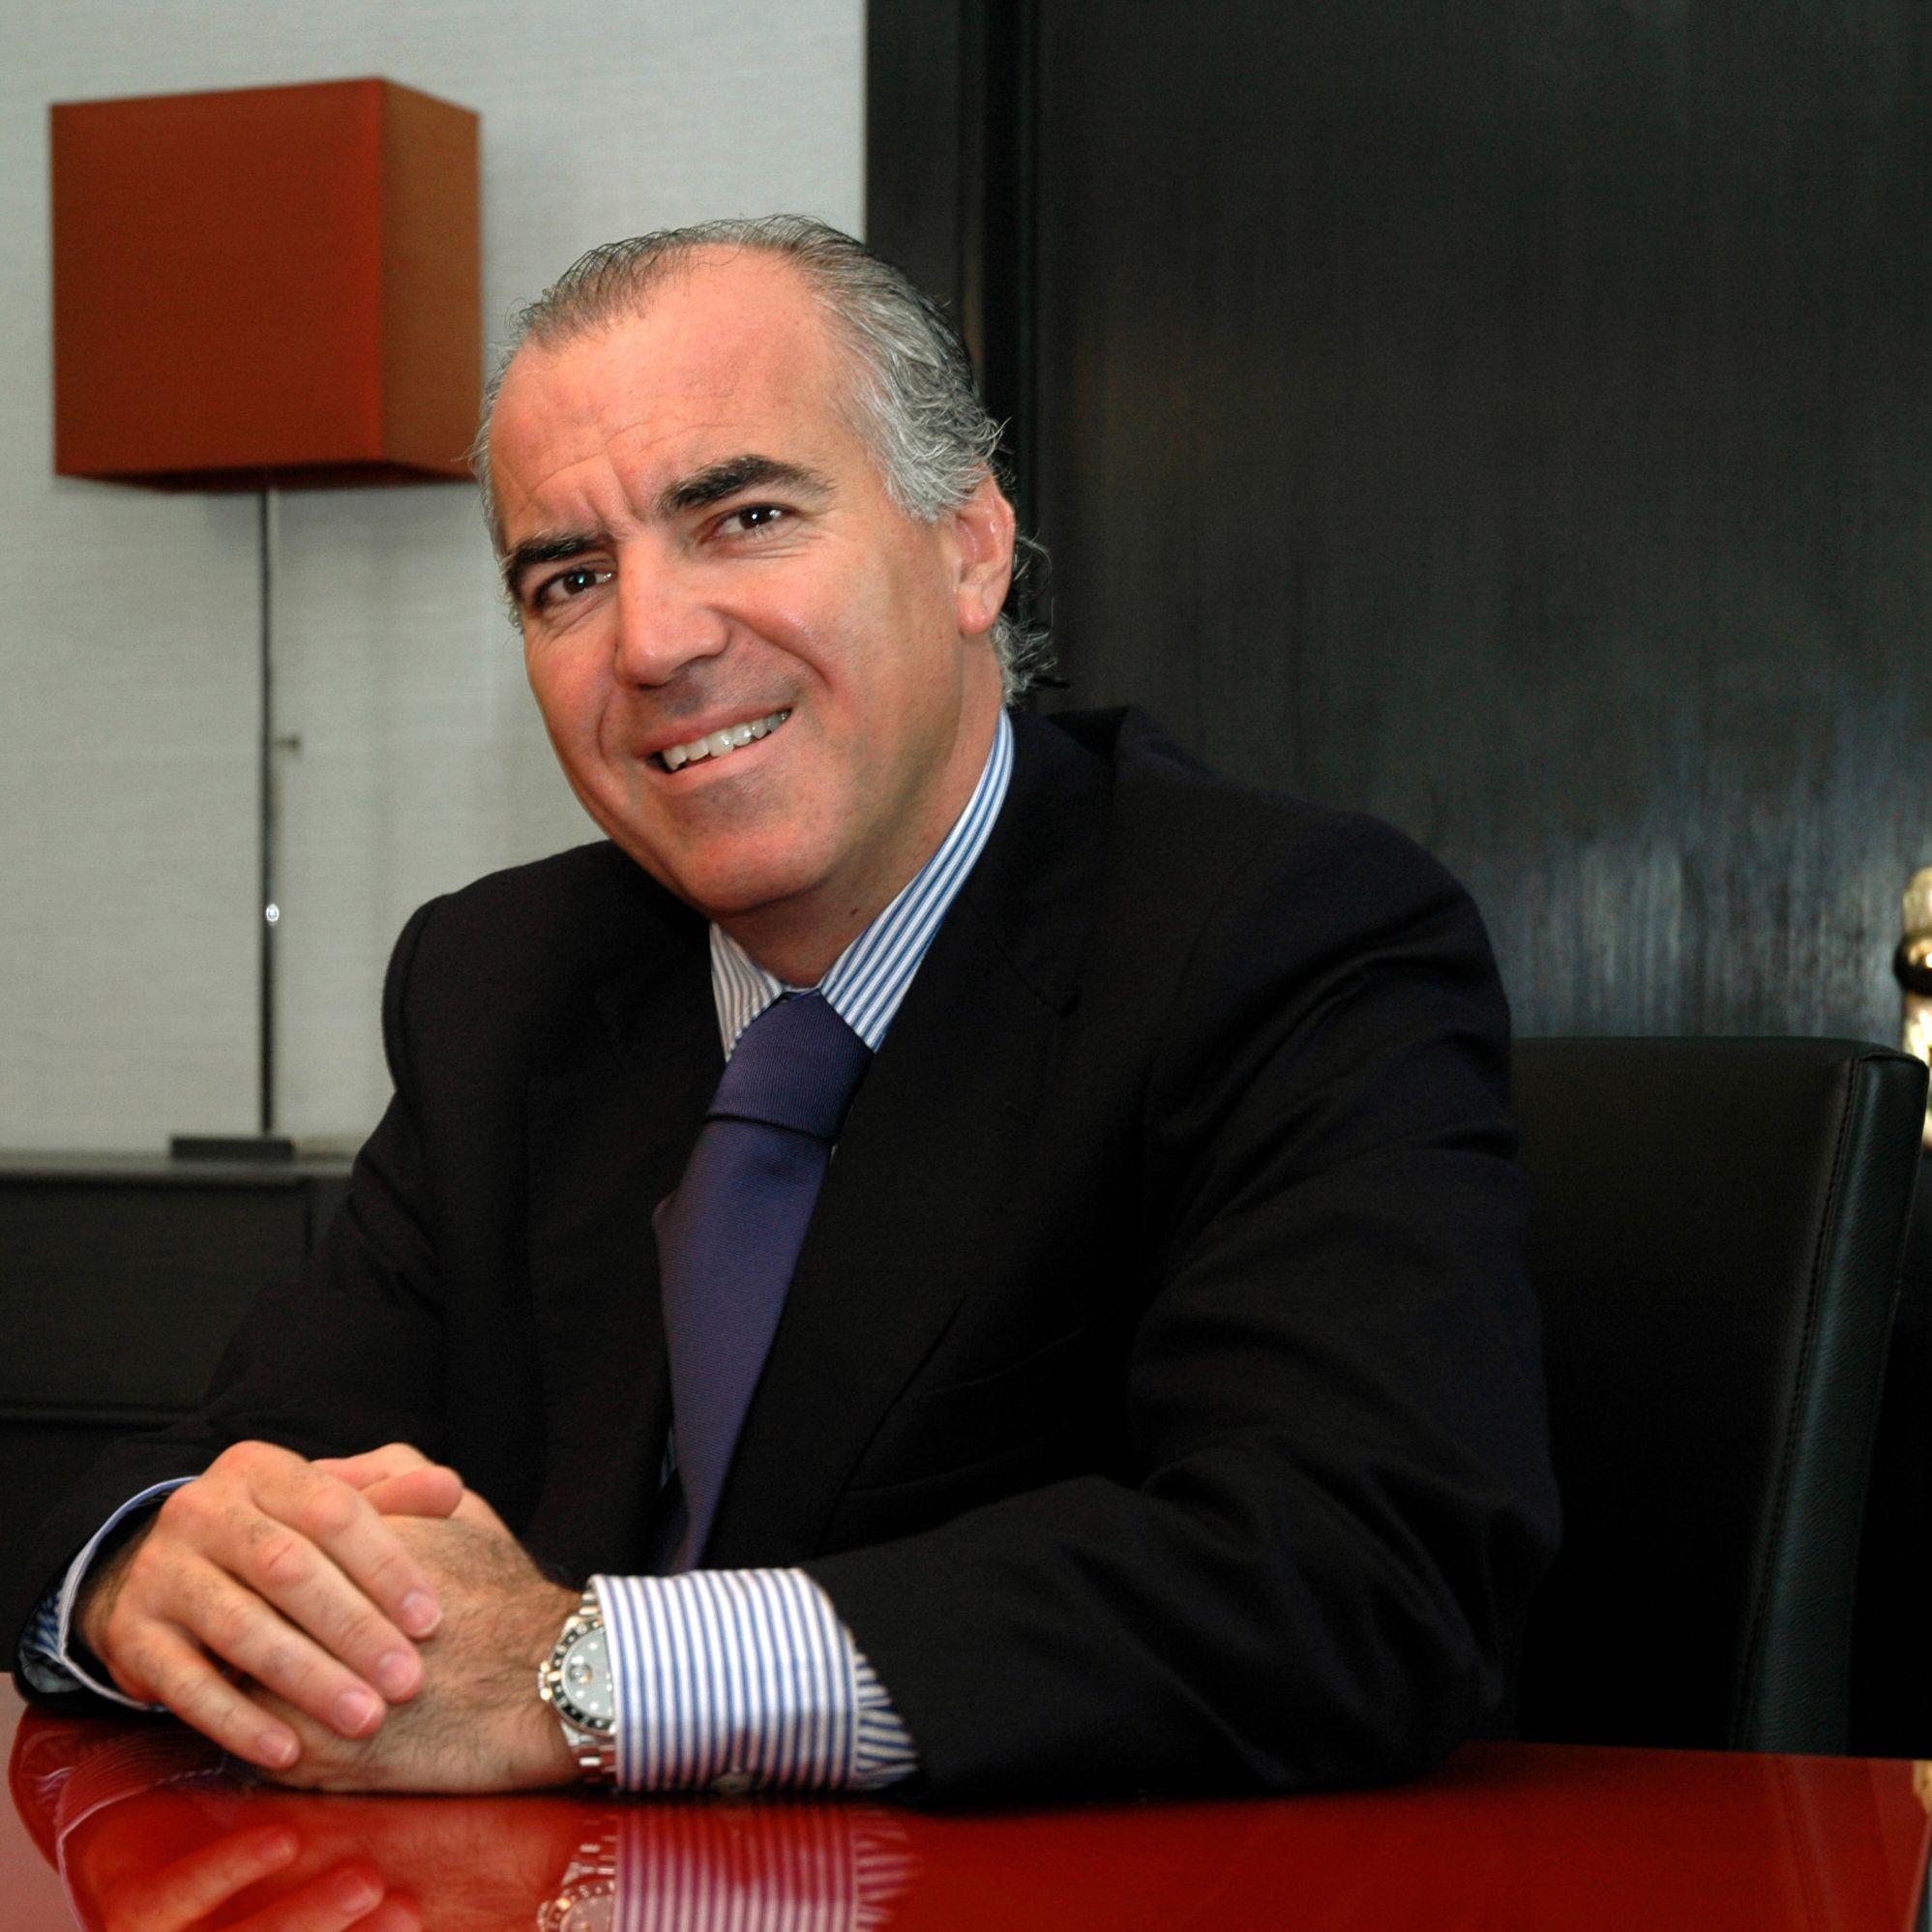 FranciscoBanha